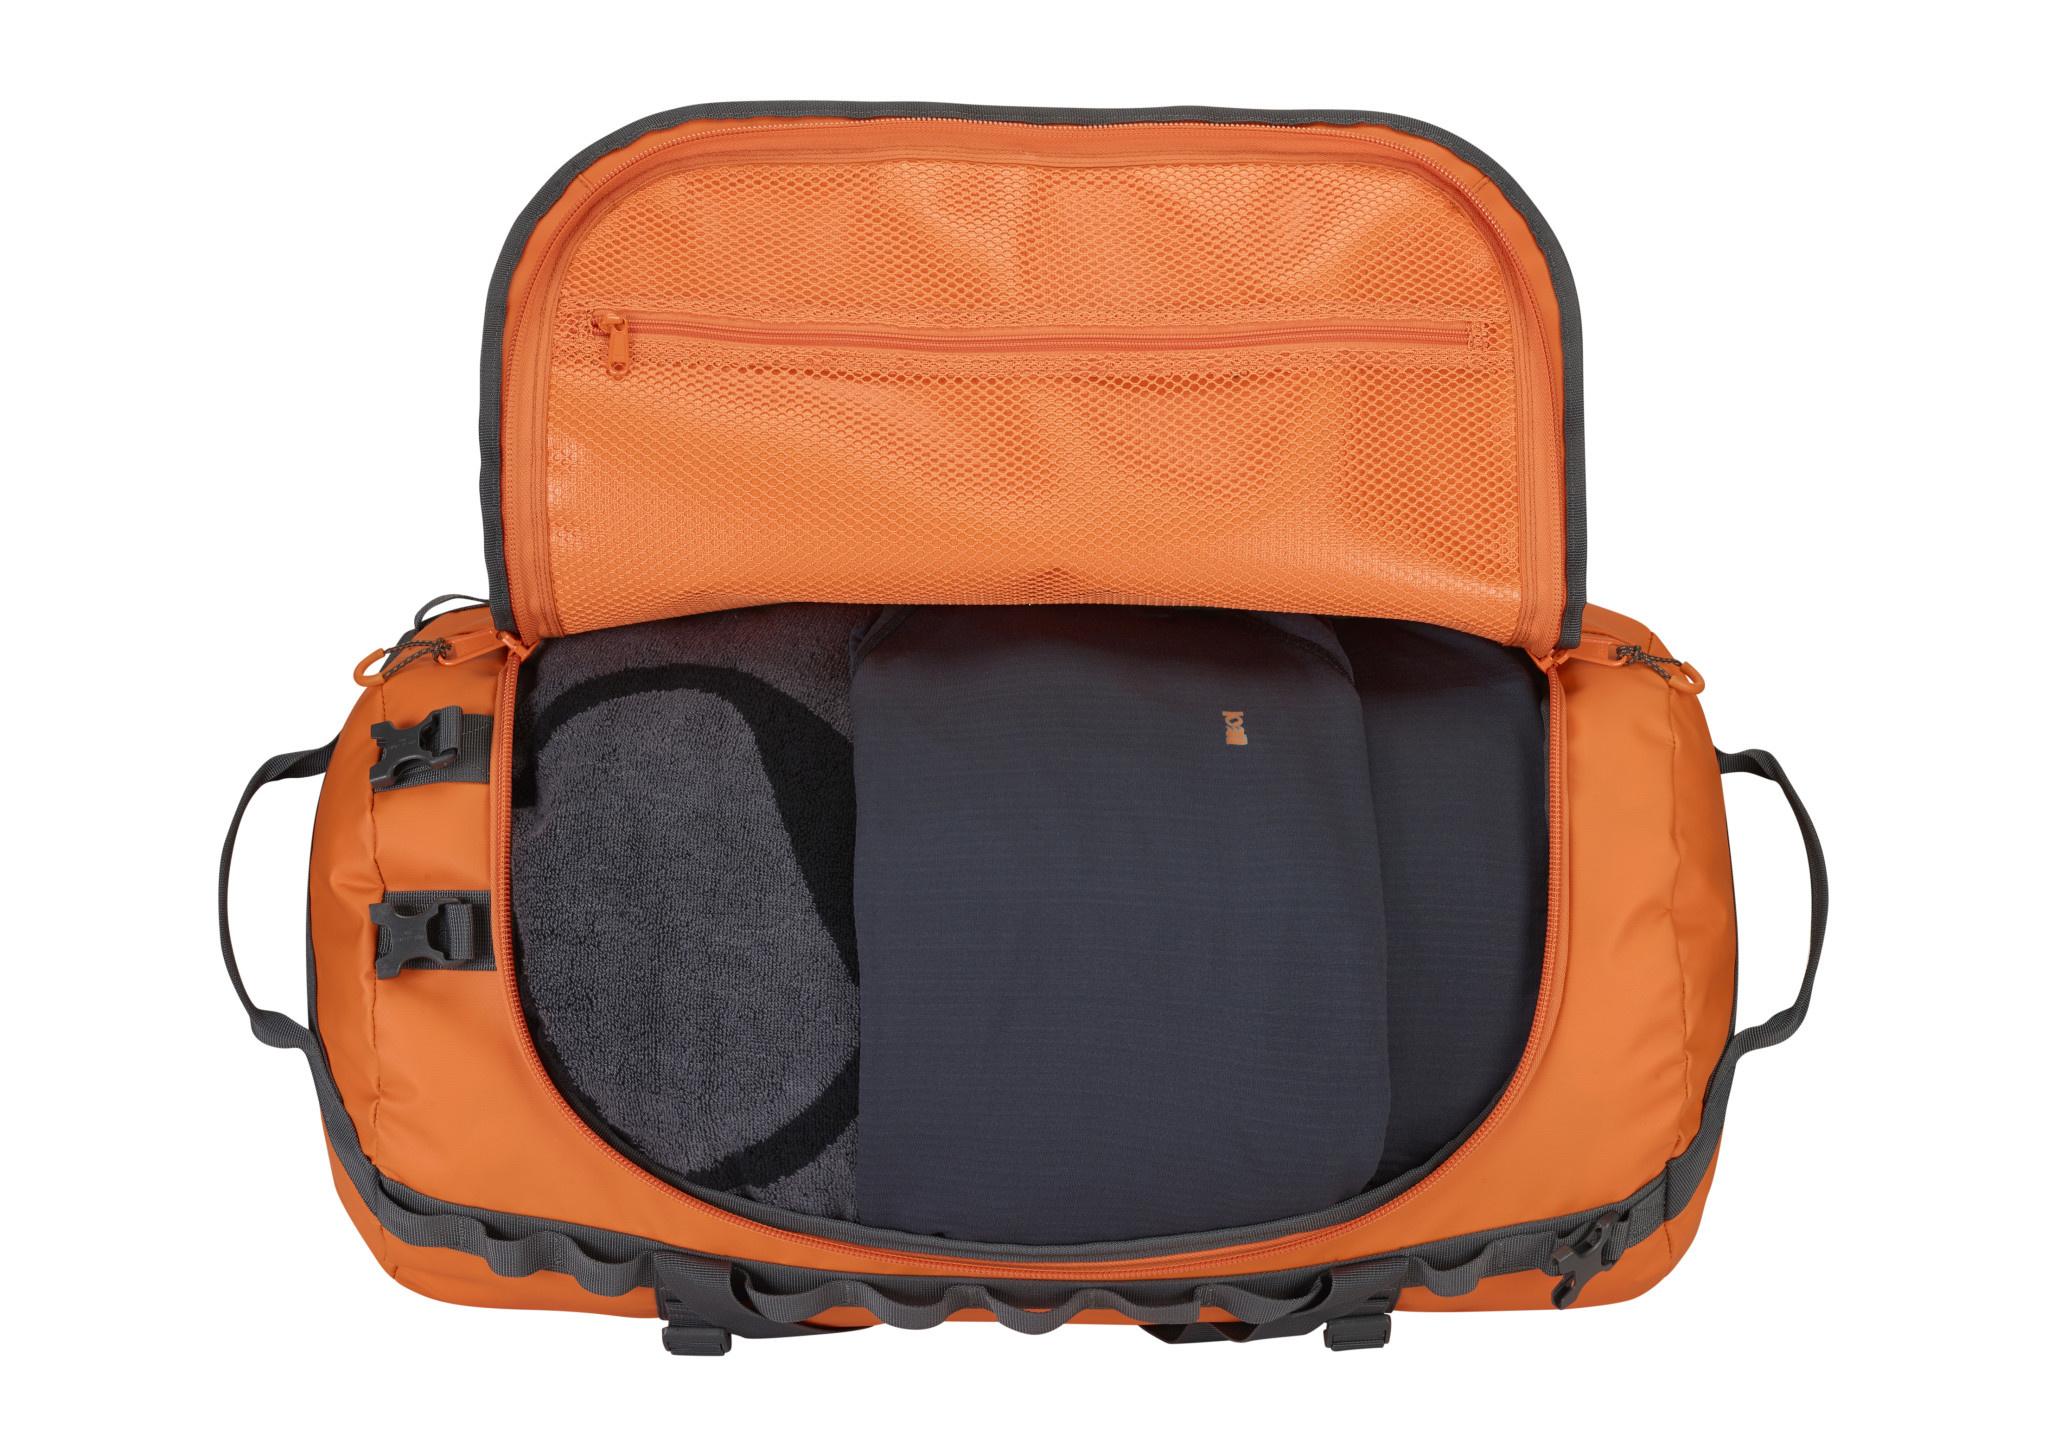 Expediton Duffelbag Orange-6